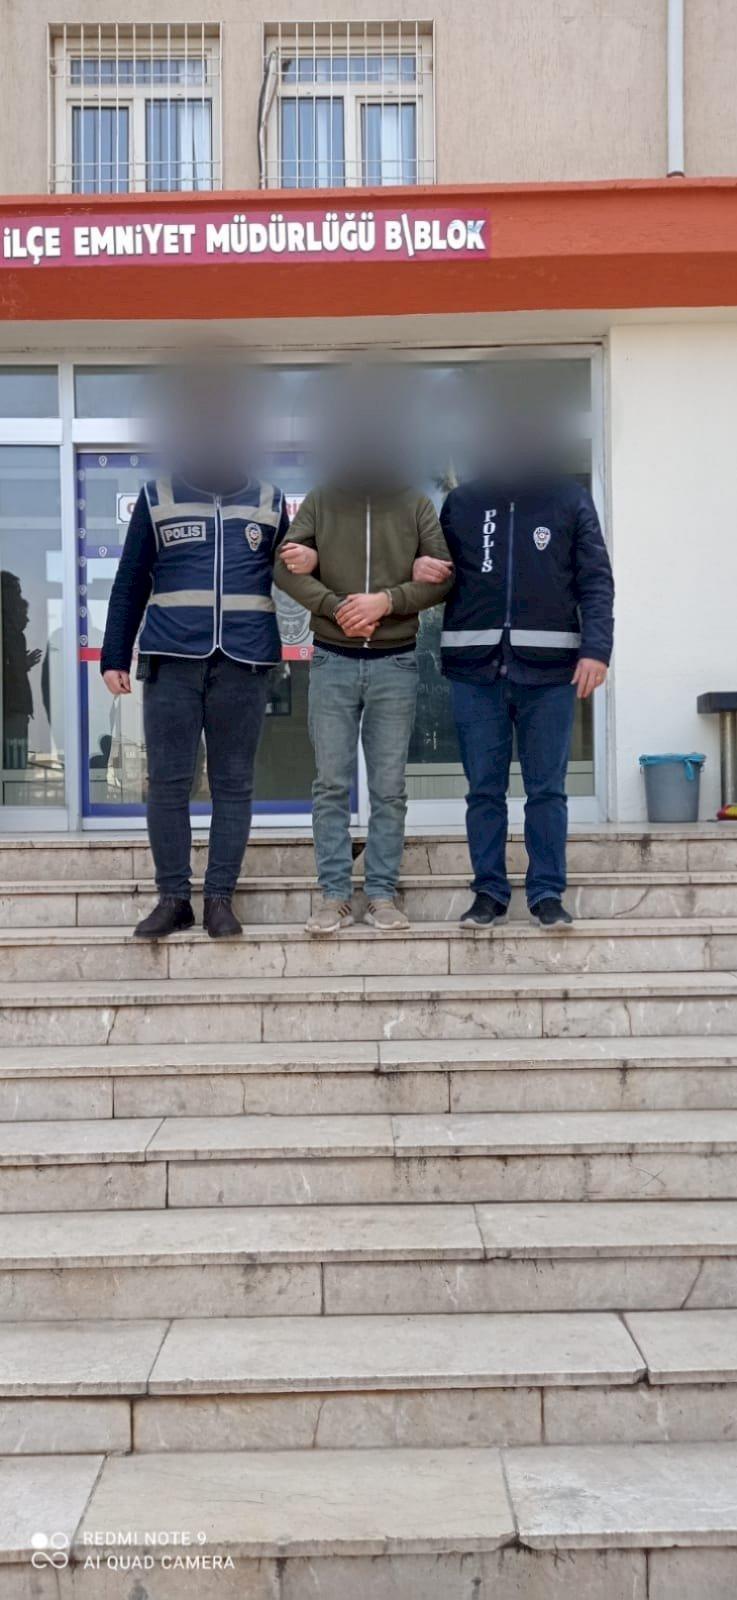 Hırsızlık şüphelilerden 2 kişi tutuklandı 1 kişi serbest bırakıldı